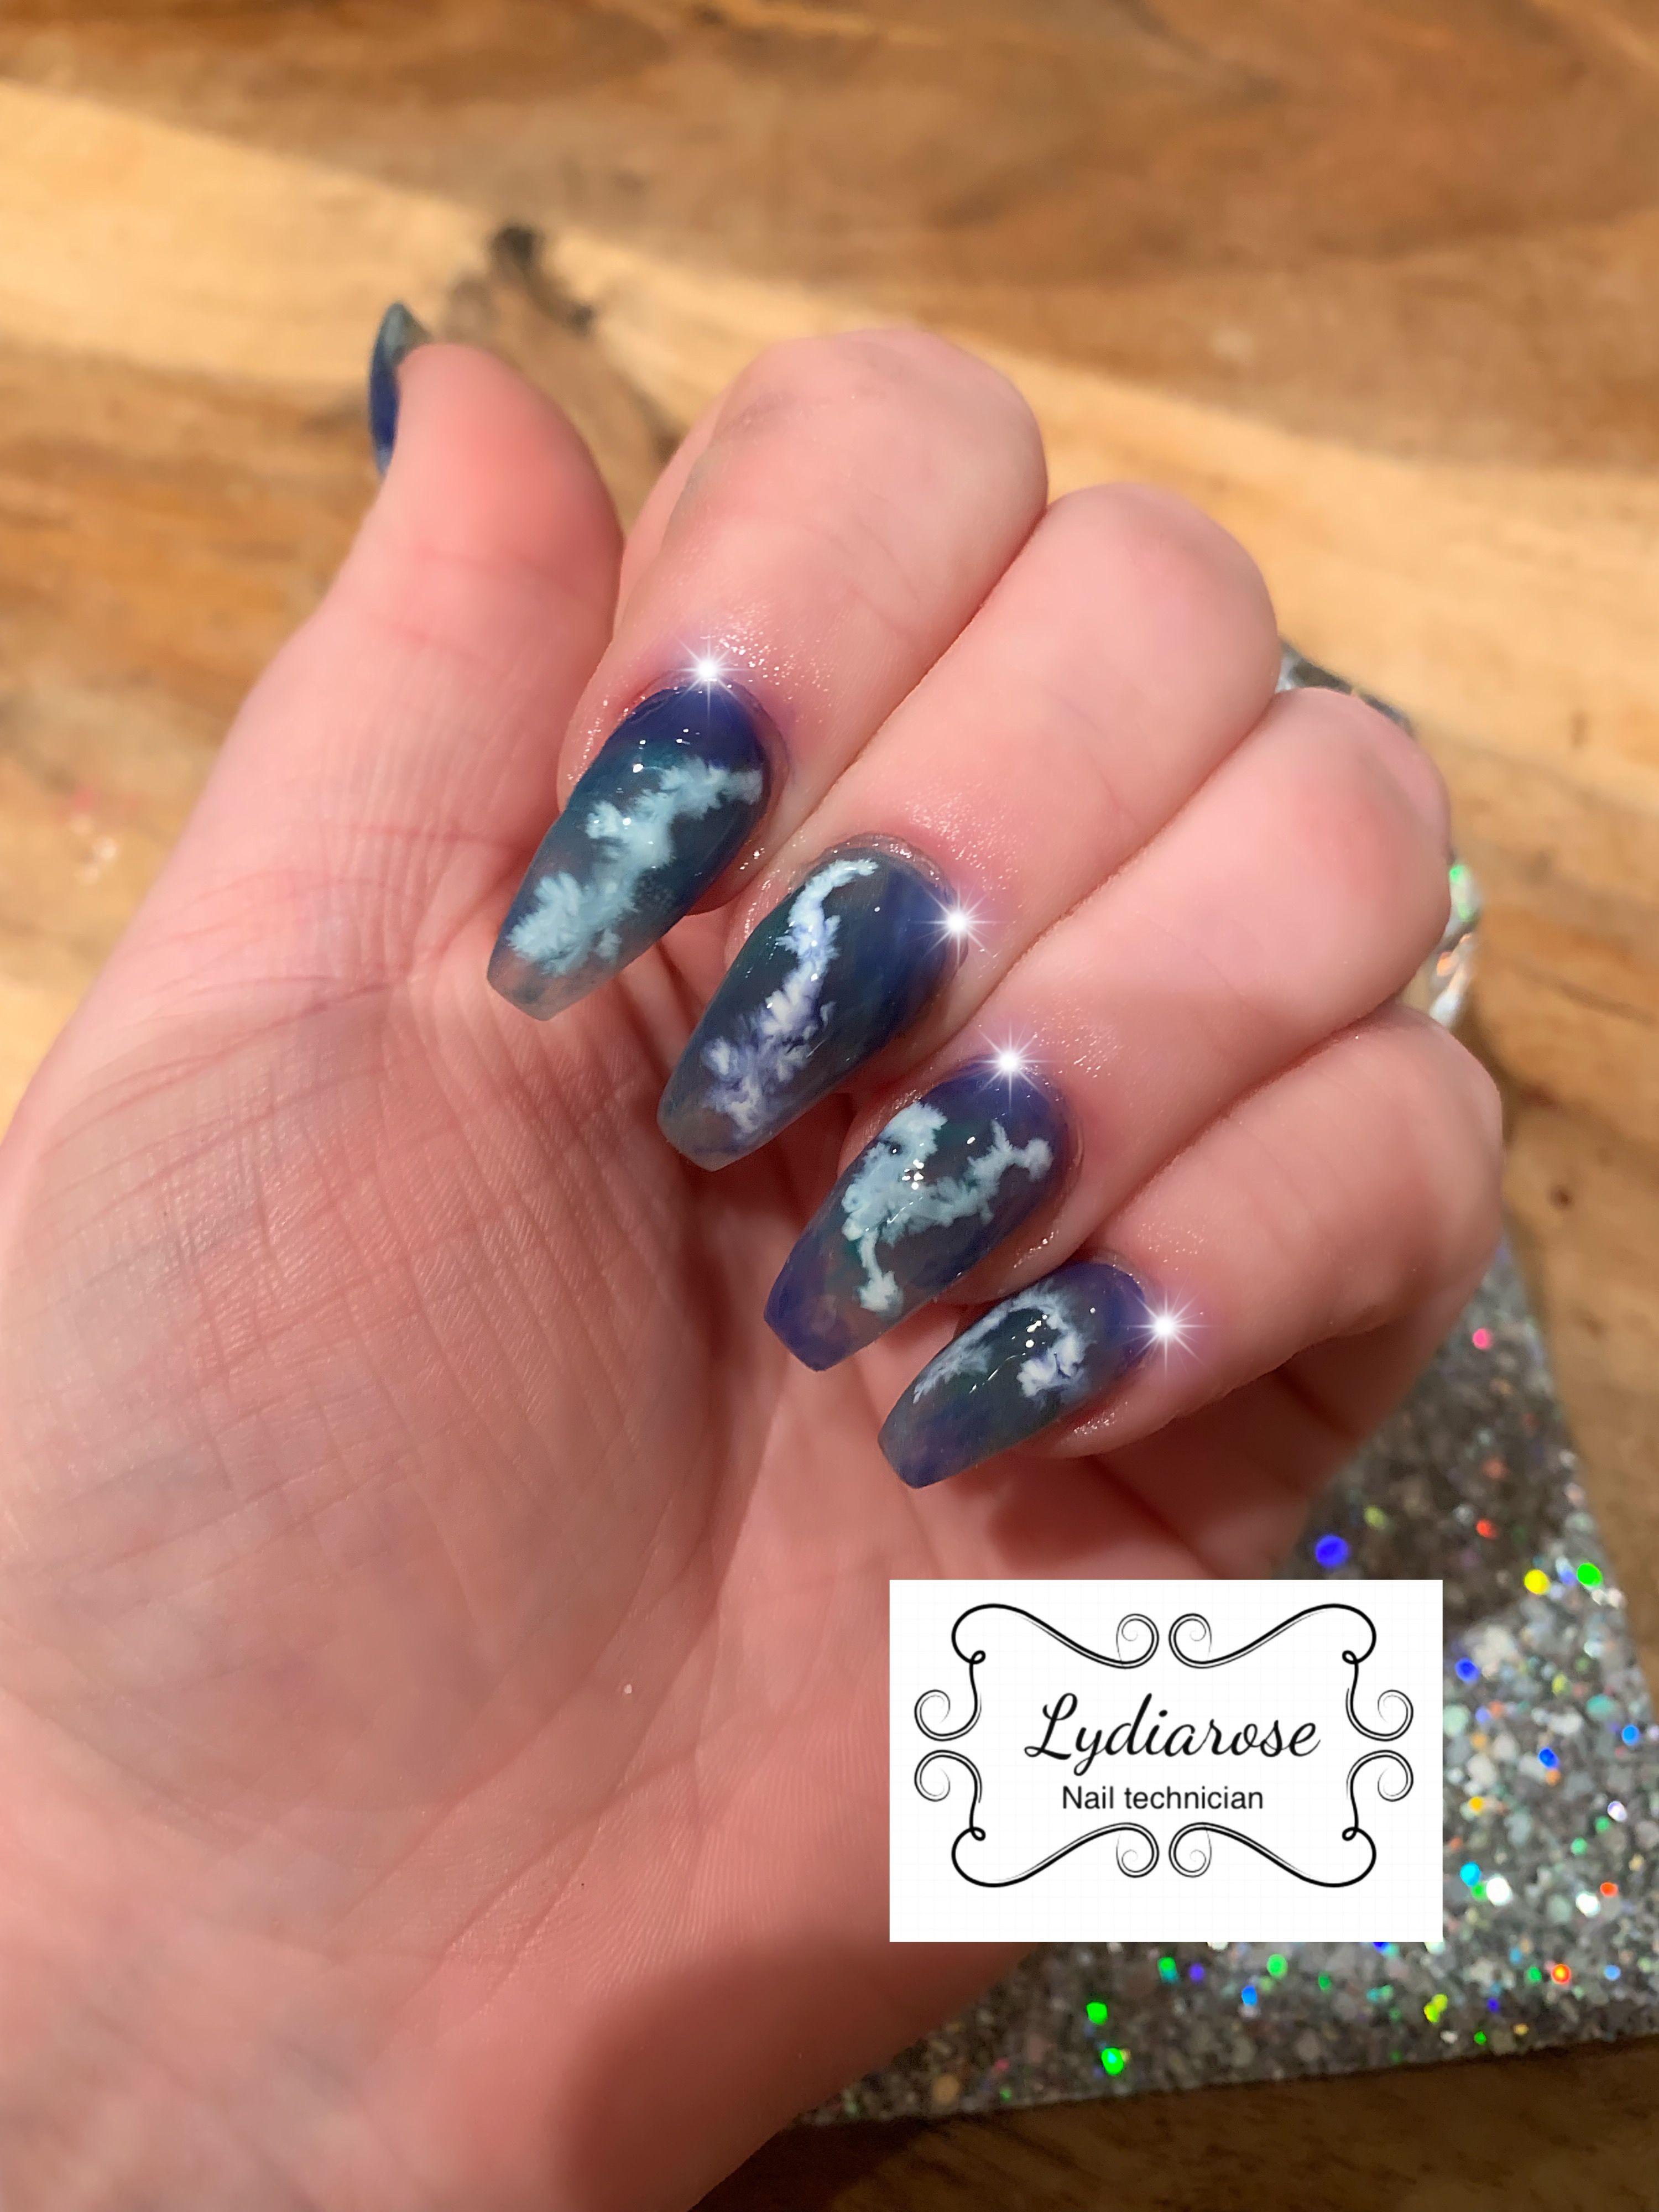 Pin by Jaylenne Alaniz on Gel polish ideas   Acrylic nails